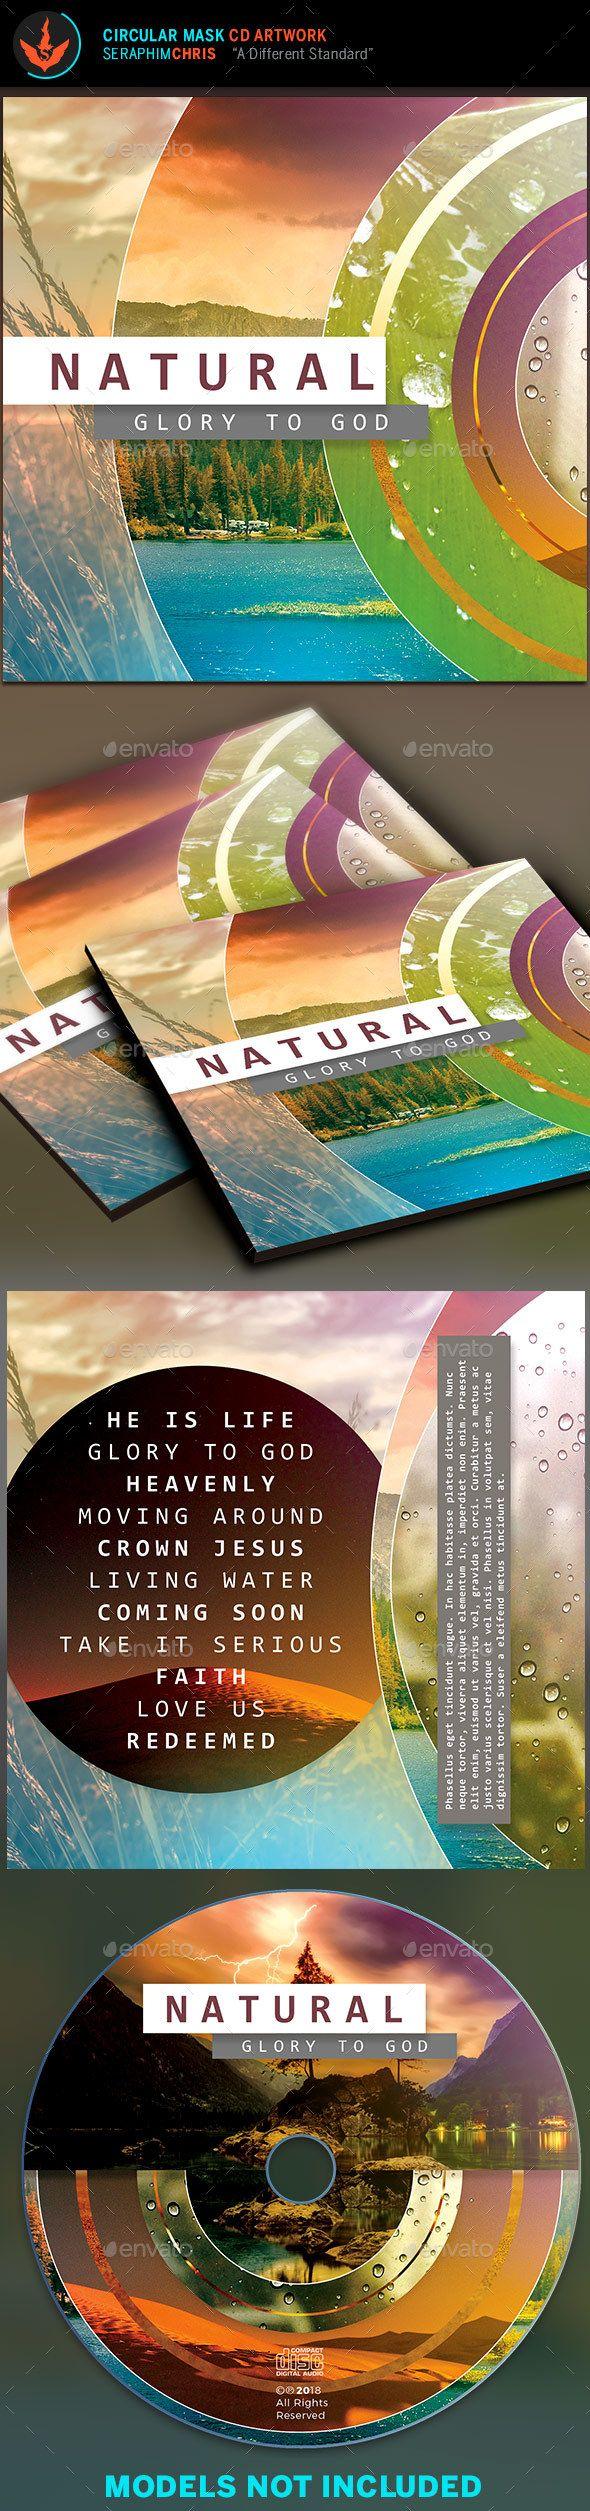 Circular Mask CD Artwork Template 2